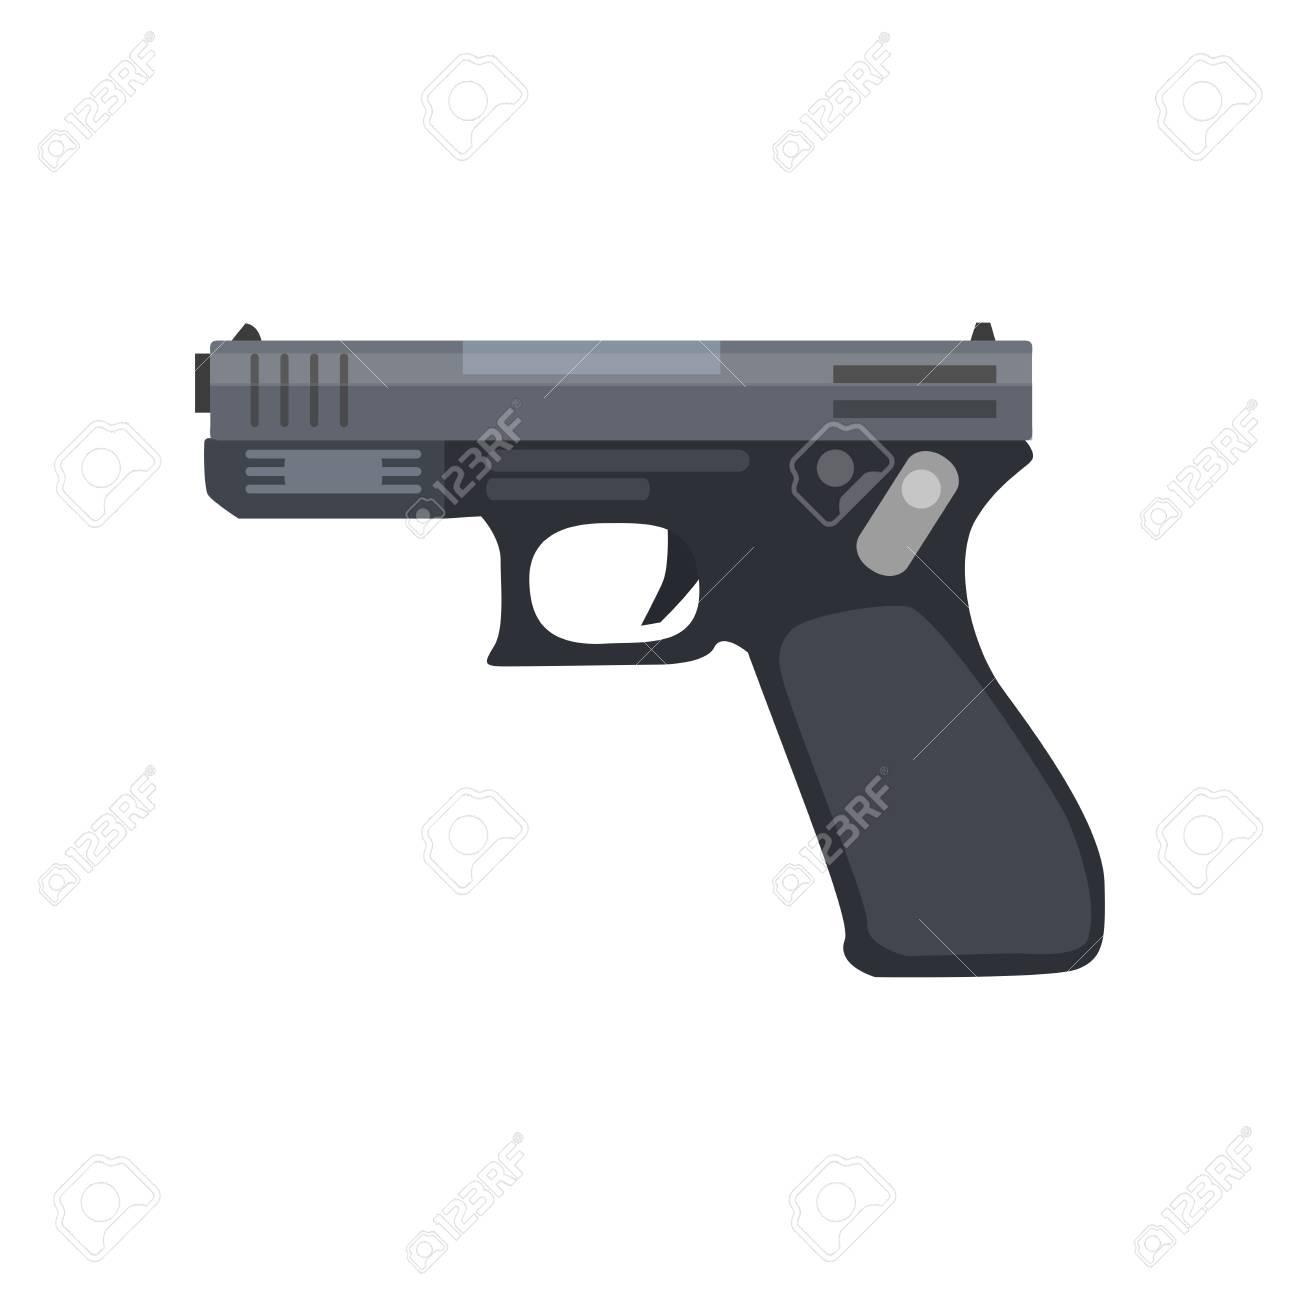 ピストル銃ベクトル リボルバー イラスト ヴィンテージ武器拳銃 ...